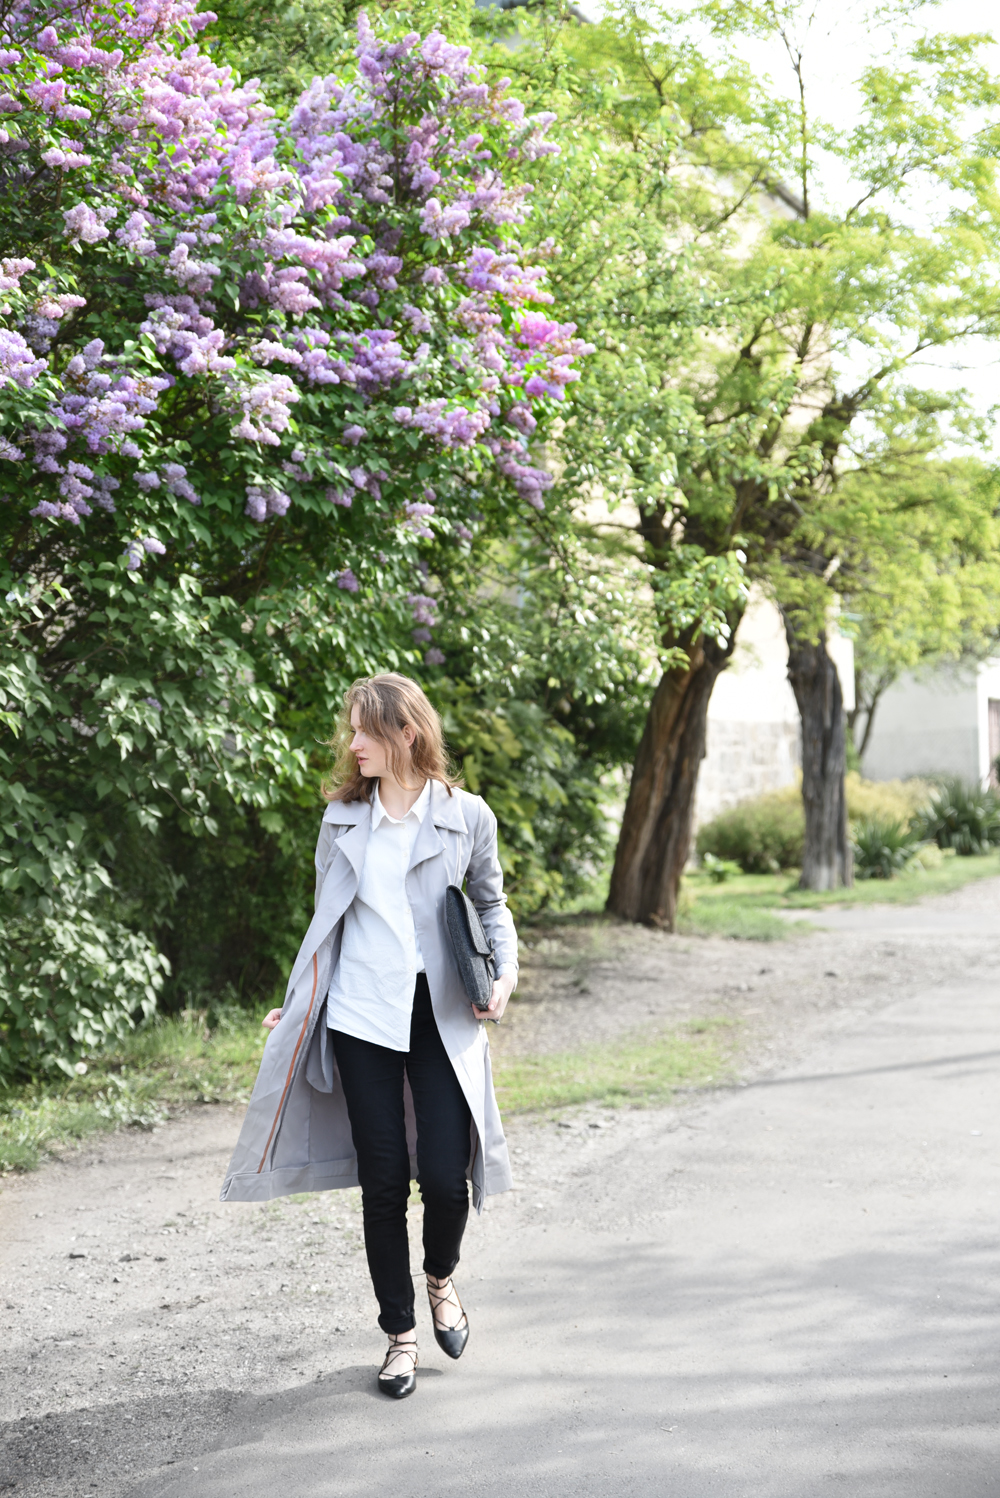 płaszcz idealny, płaszcz na wiosnę, cechy, szycie, blog o szyciu, Szyciowy Blog Roku